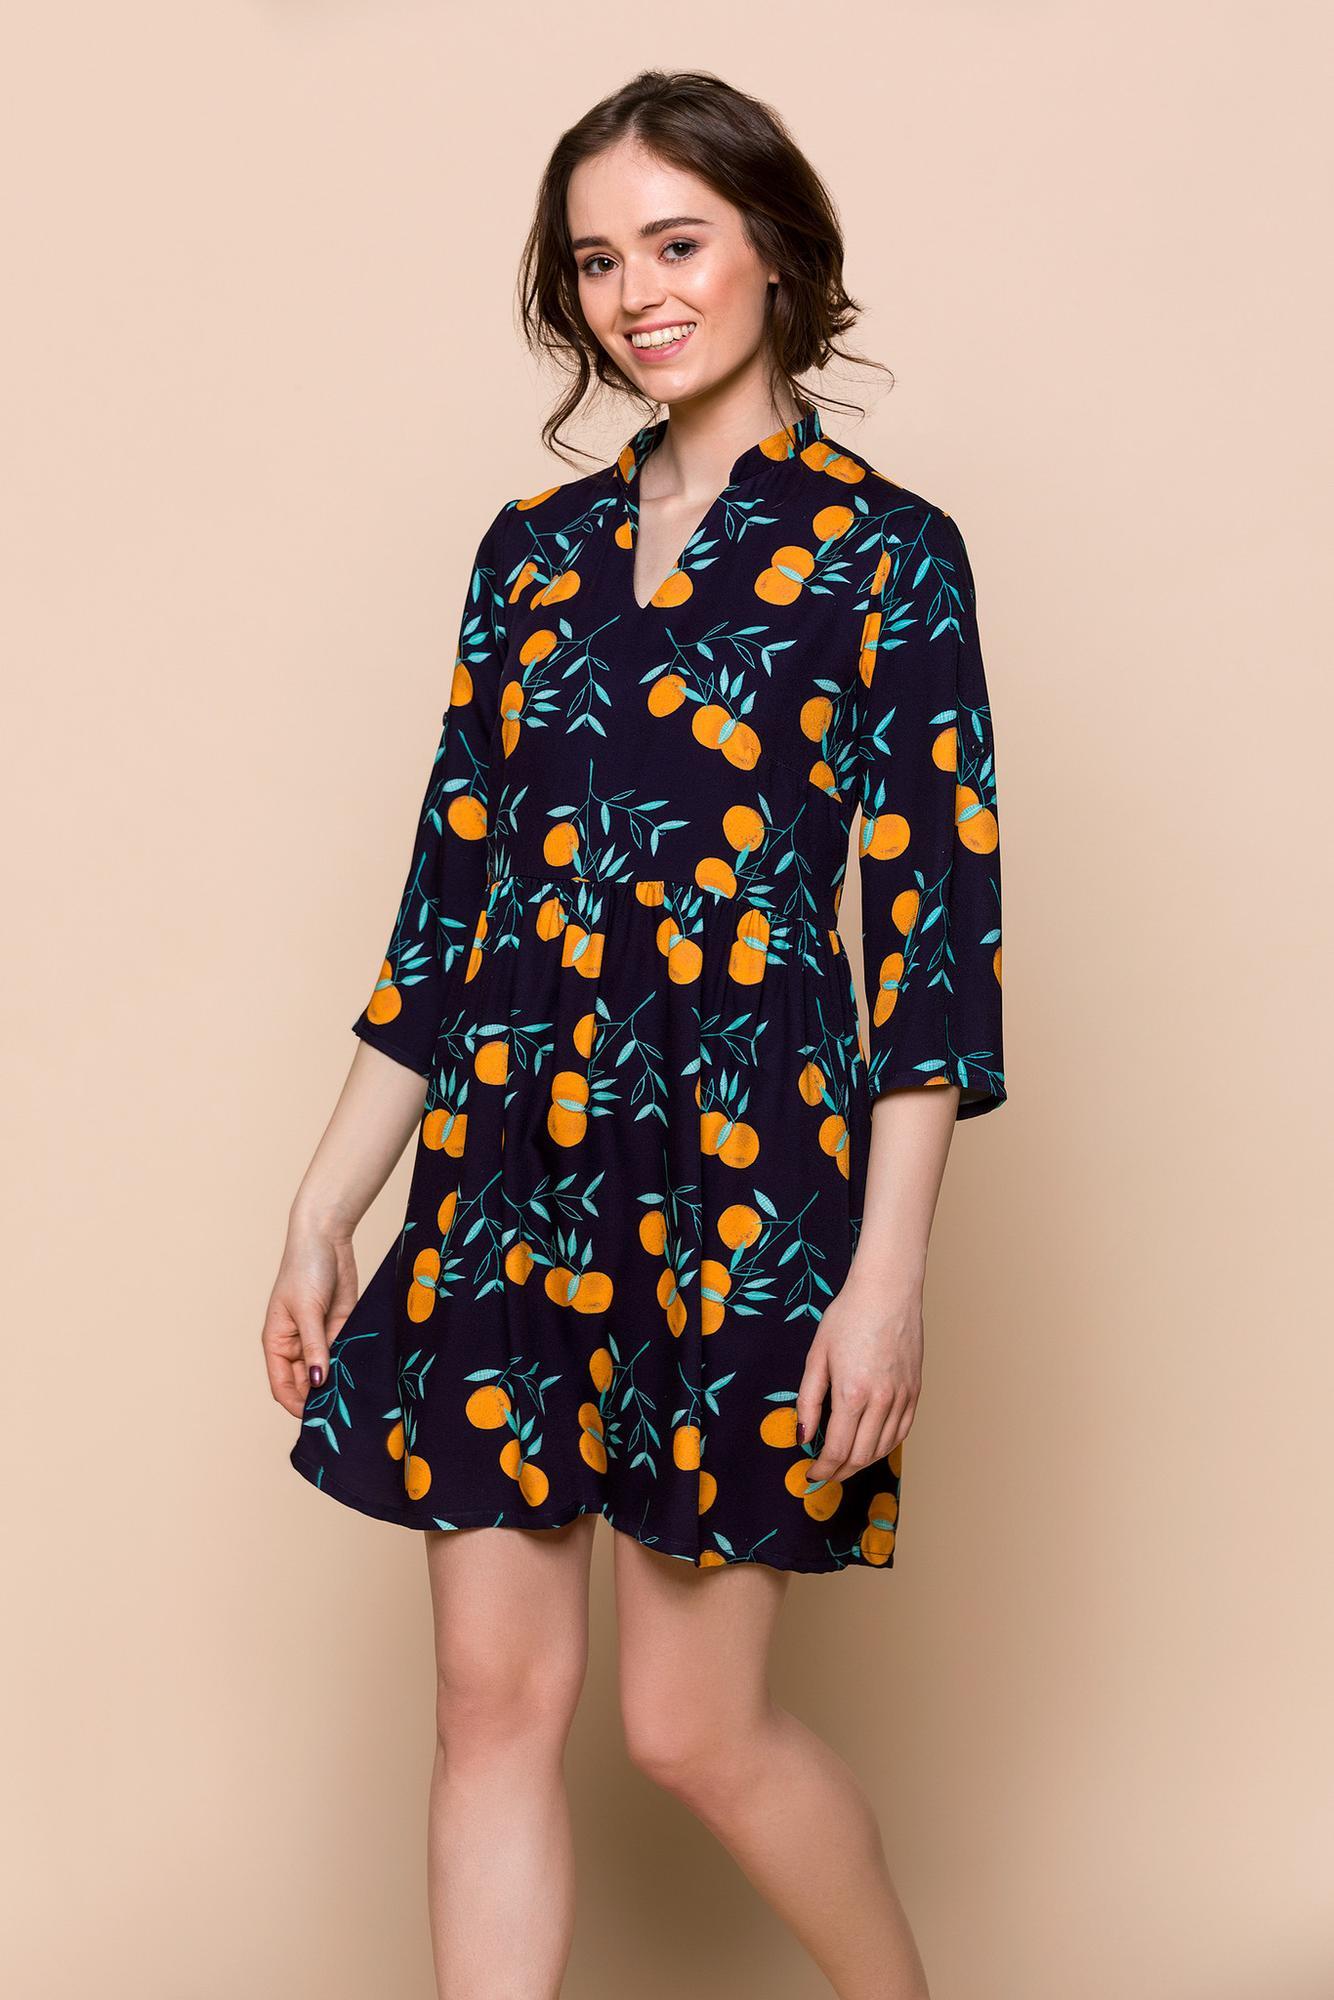 SUKIENKA POMARAŃCZE - sukienka zwiewna - sukienka z dekoltem V - sukienka regulowane rękawy -Republic of Patterns